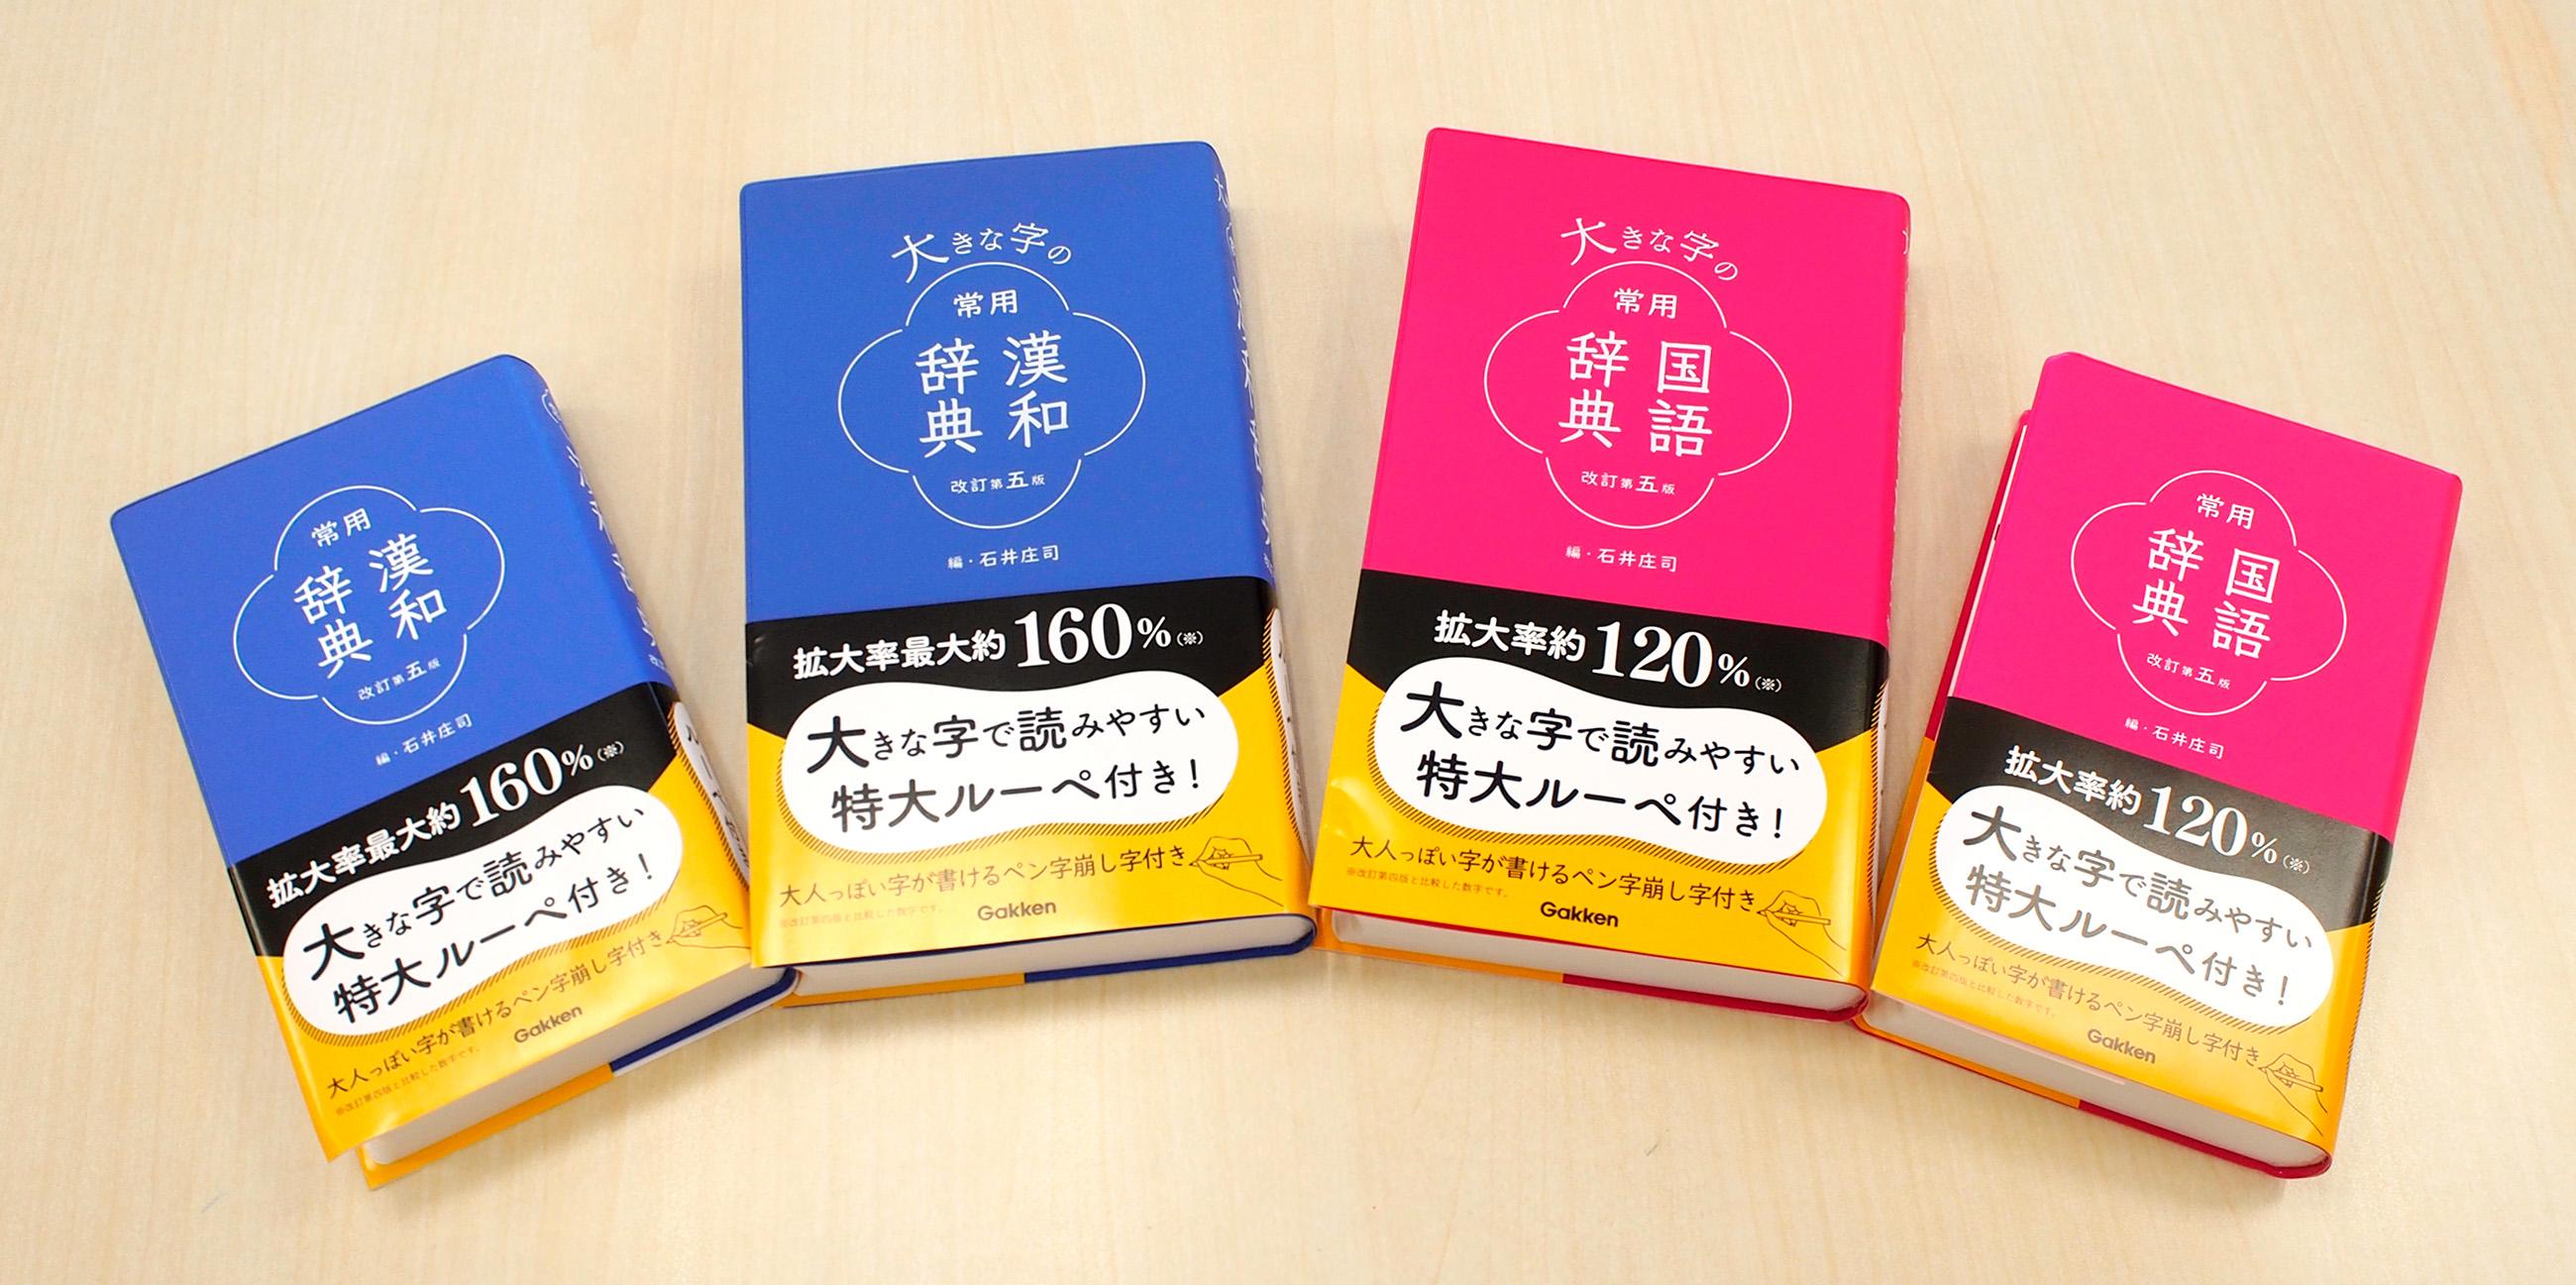 四版から一新、雑貨感覚で持てる薔薇色と露草色の表紙